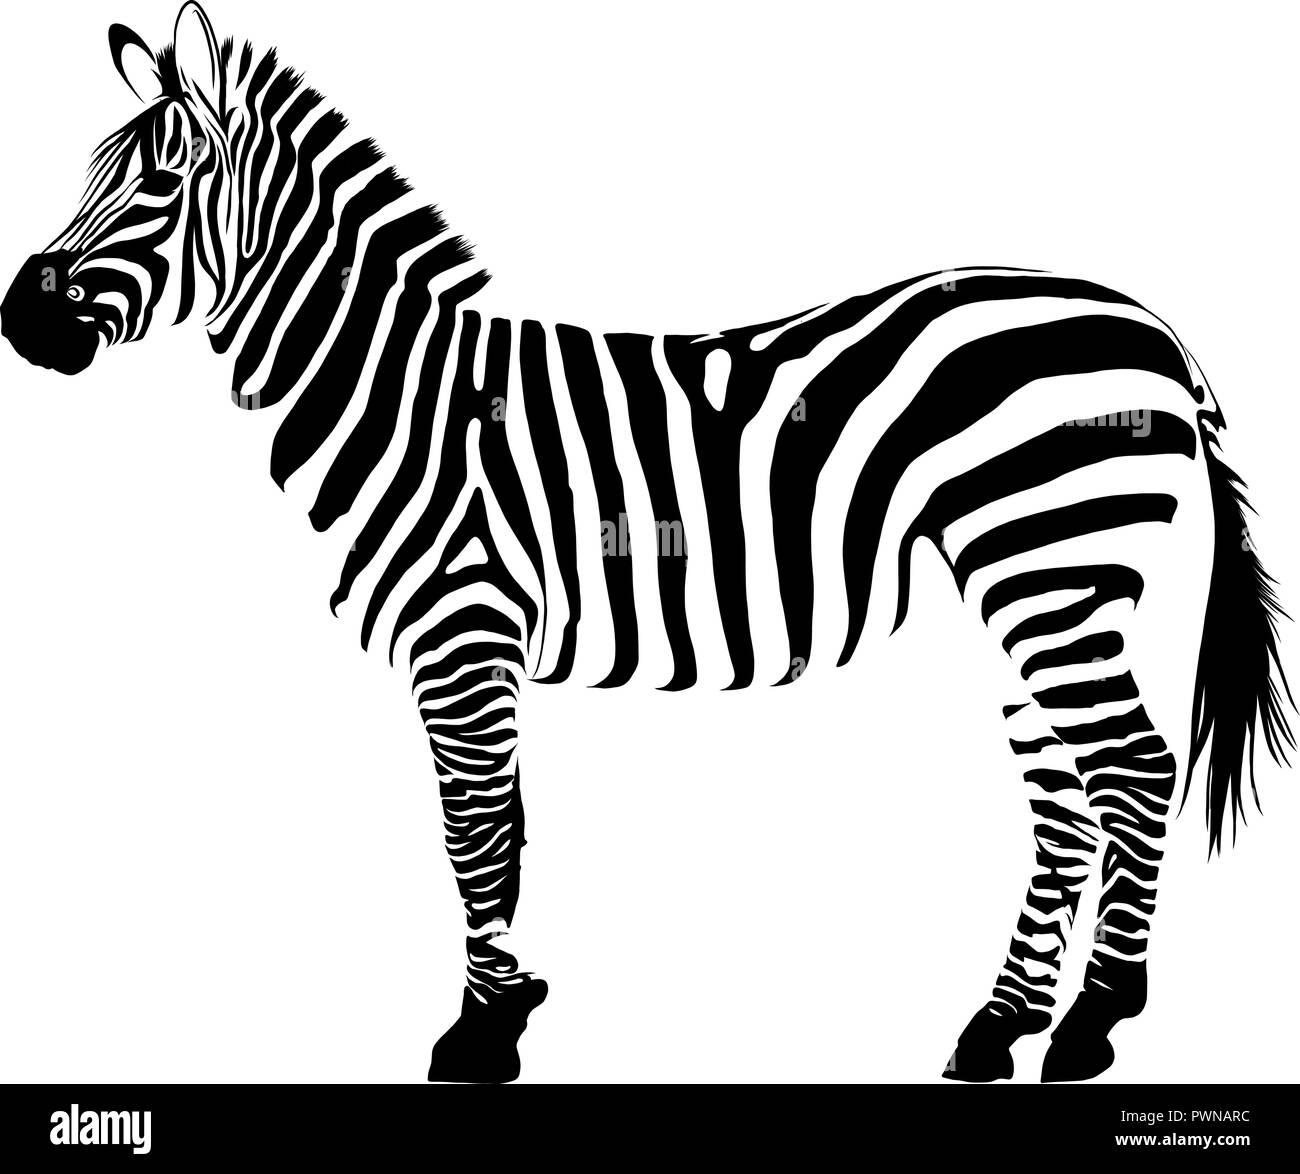 illustration white and black animal zebra vectorin white background - Stock Vector